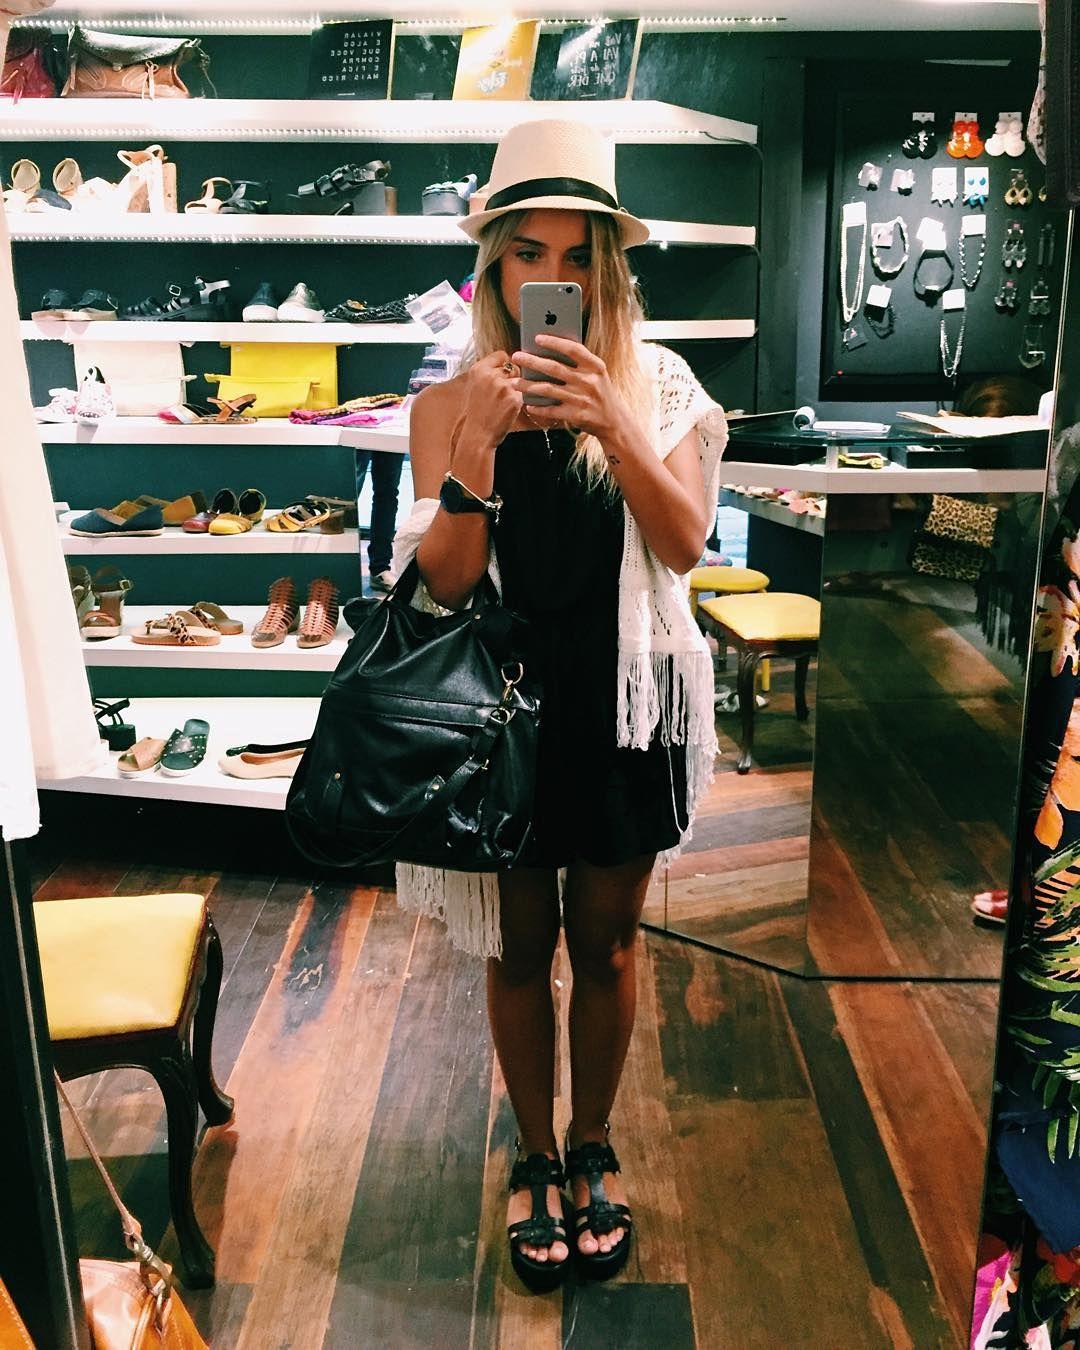 """""""de hoje na @lojasollas com minha bolsa e sapatos novos  completamente apaixonada pela loja e pelos meus produtinhos, depois tem details ❤️"""""""